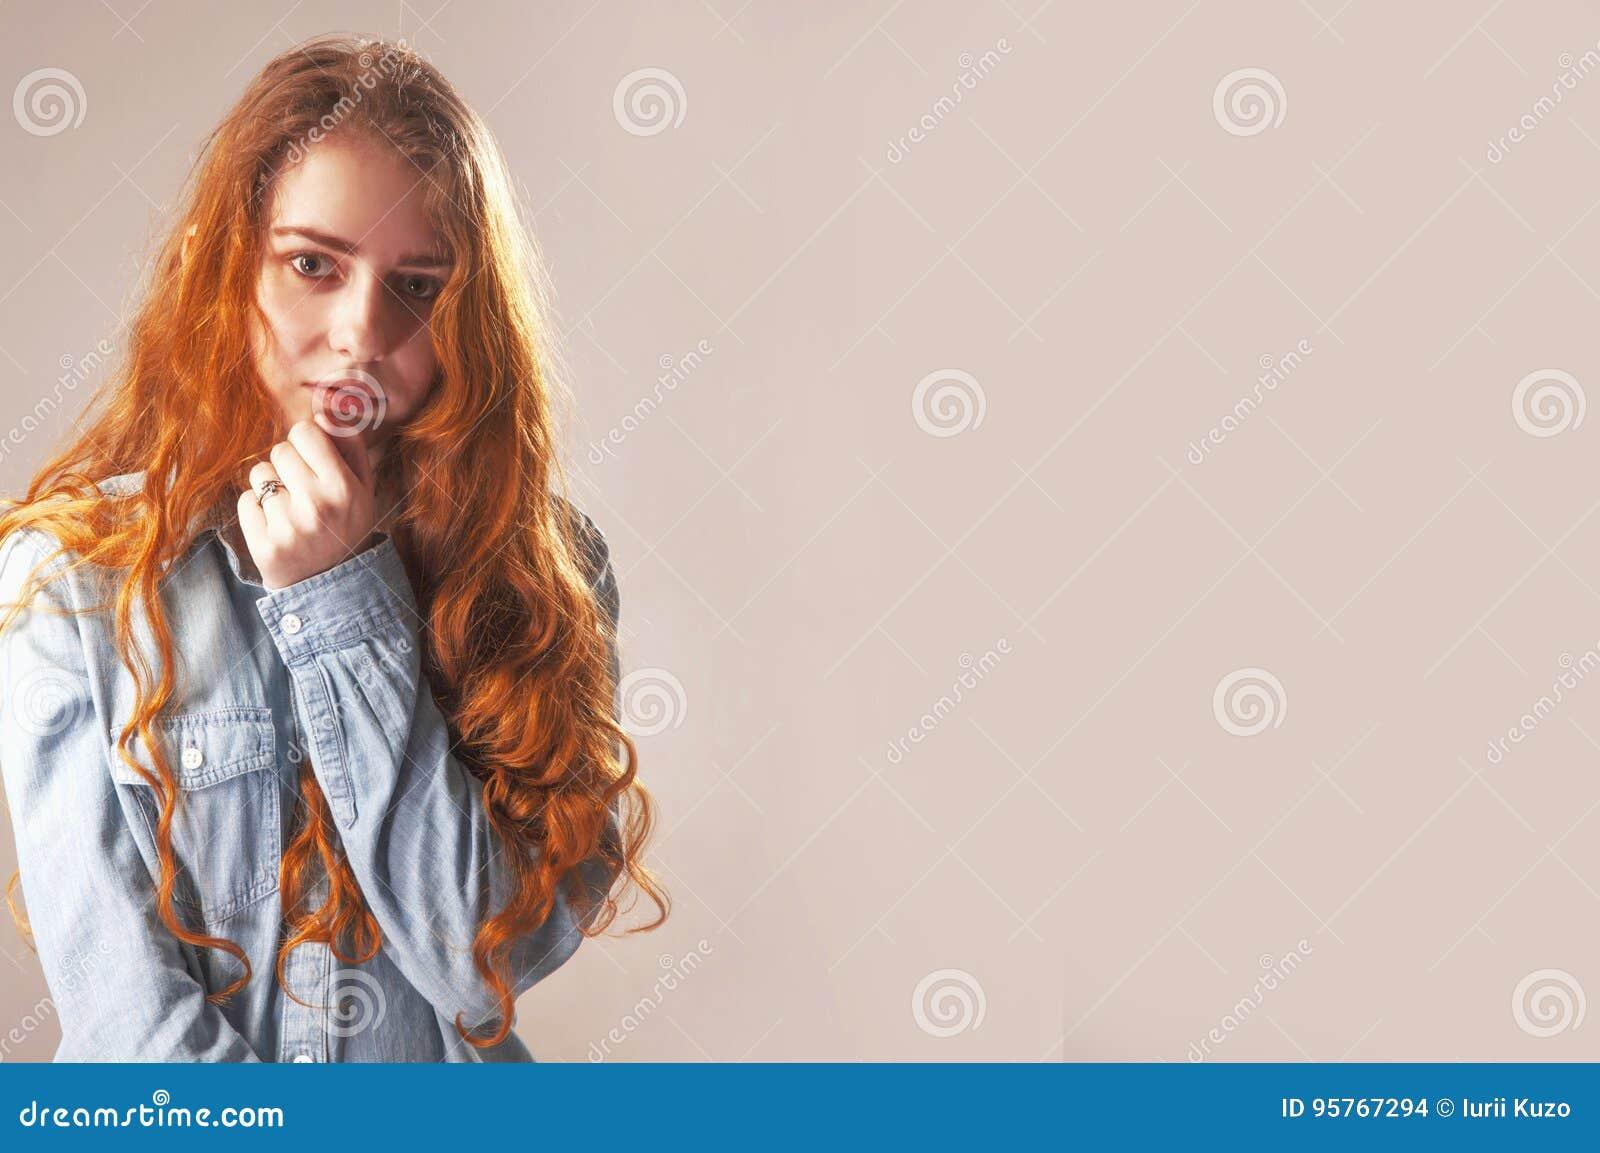 Mãos dobradas da menina como um símbolo da solidão Langua do corpo